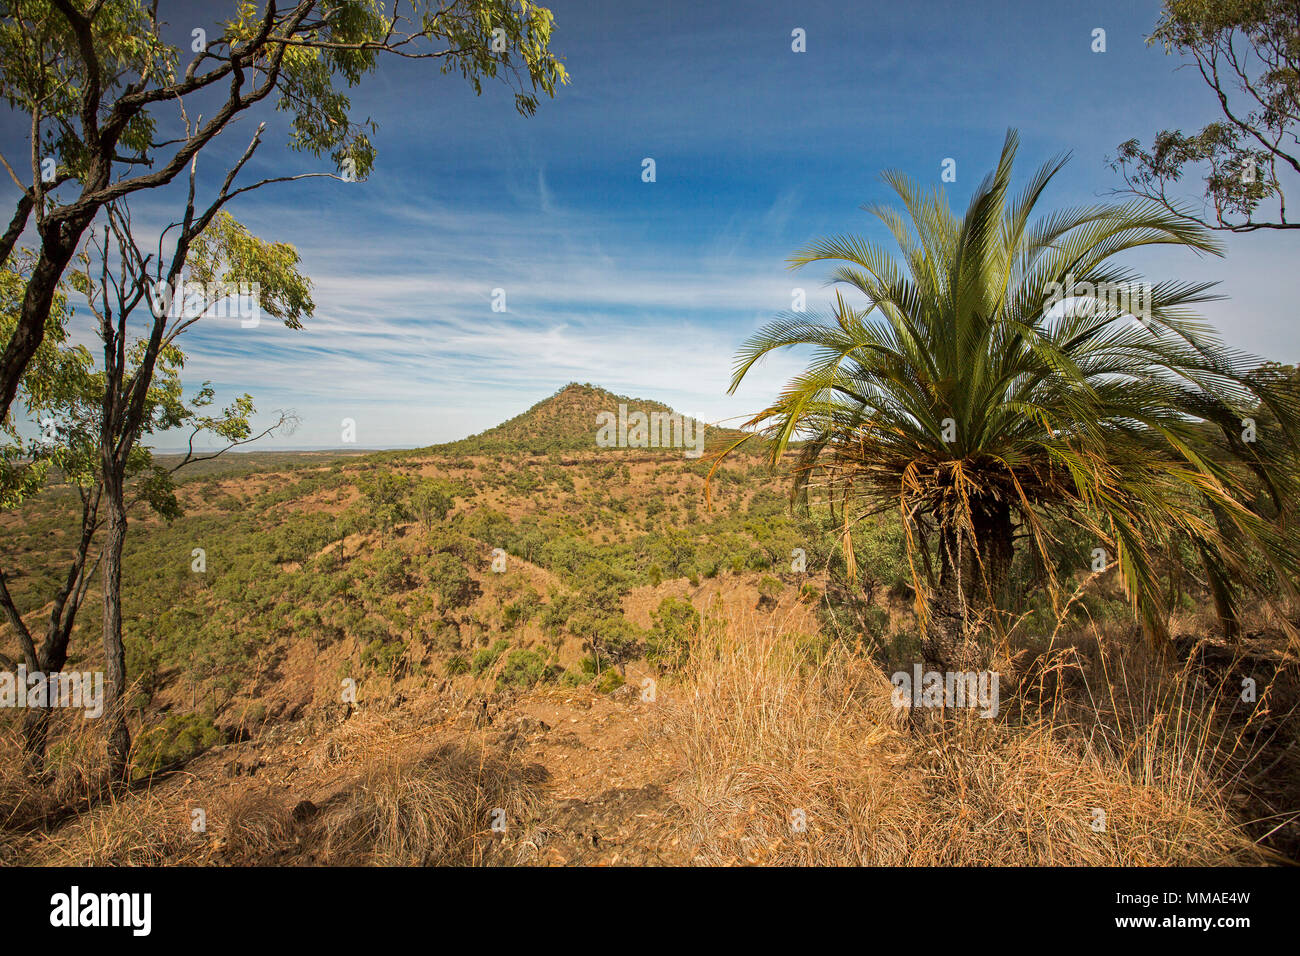 Voir de vastes étendues de paysages de l'outback et de plaines sous ciel bleu de Lookout à Minerva Hills National Park, près de Springsure Queensland Australie Photo Stock